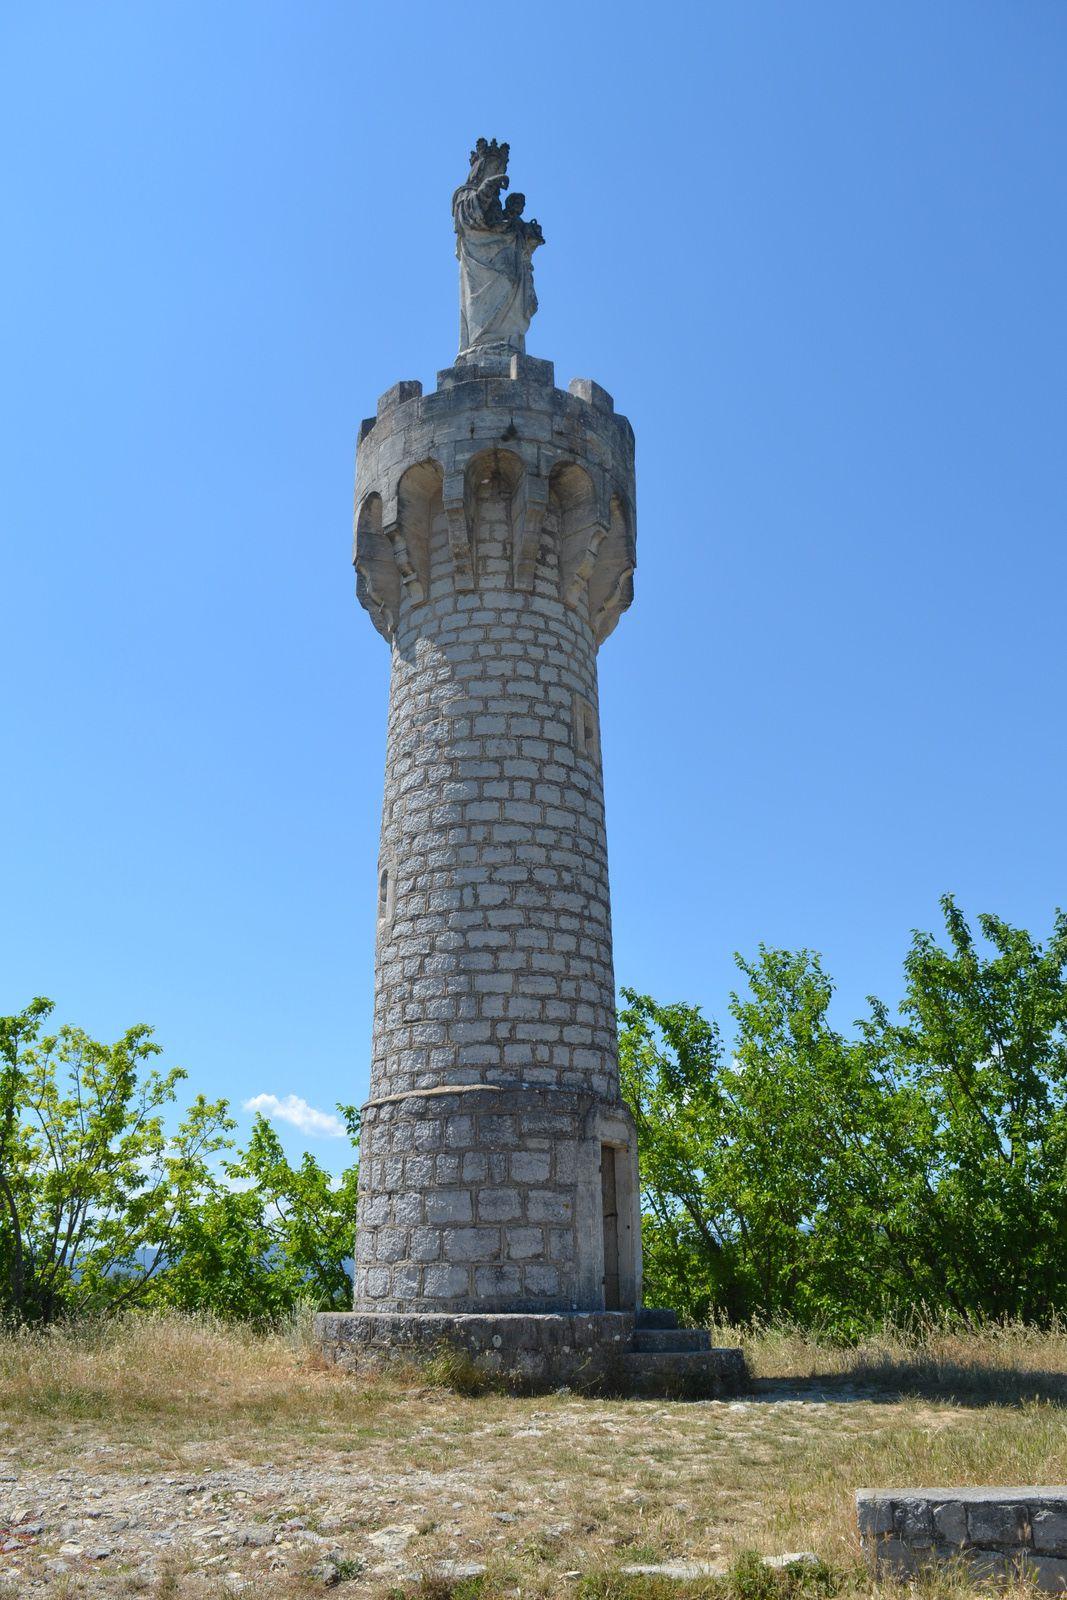 Les ouvriers qui travaillèrent à la construction de la tour s'appelaient Dupland, père et fils.